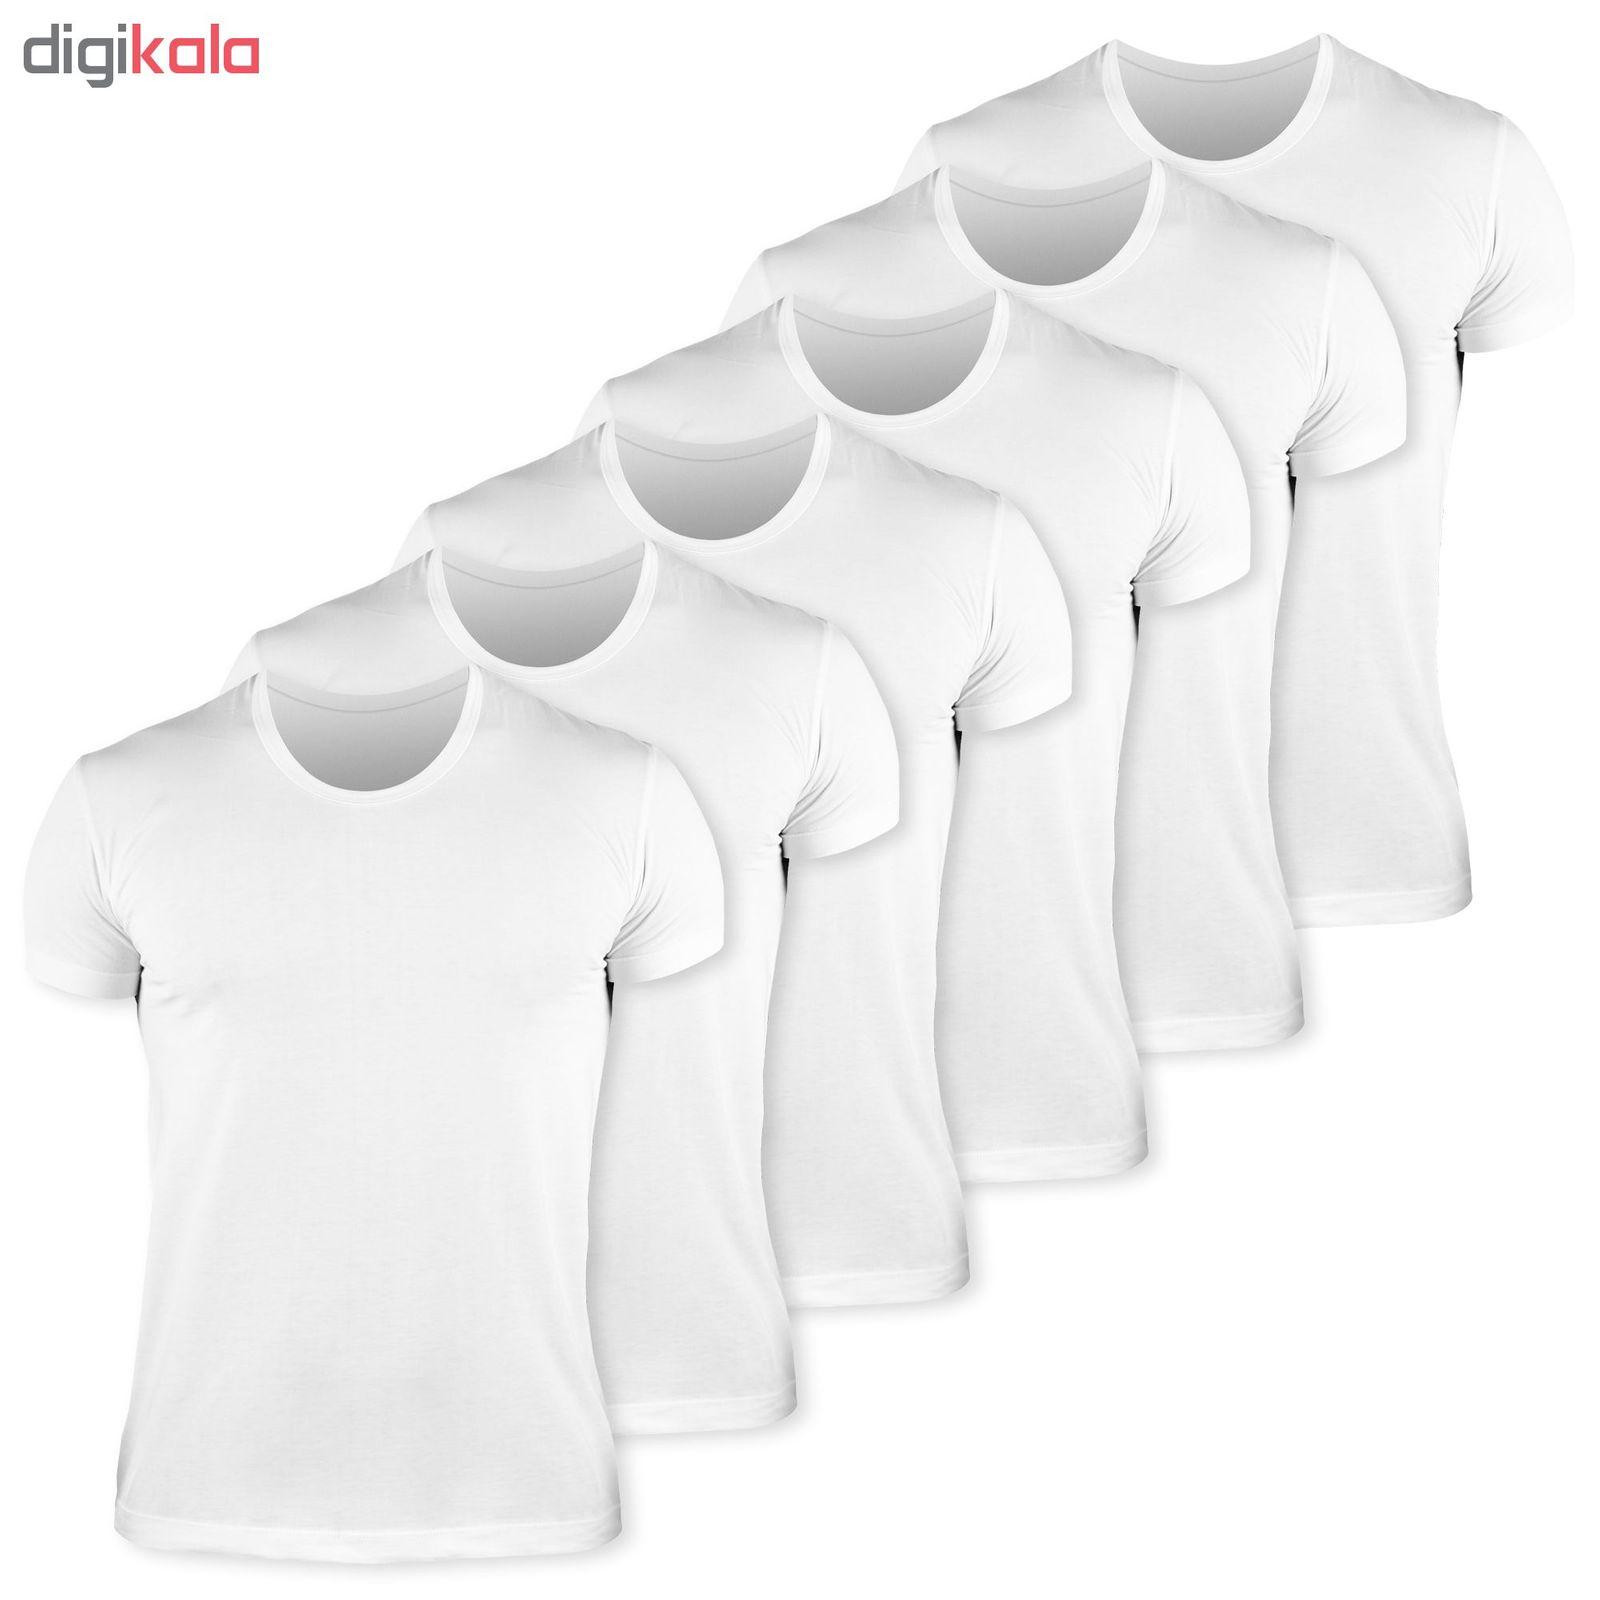 زیرپوش مردانه کیان تن پوش مدل U Neck Shirt Classic W مجموعه 6 عددی main 1 1